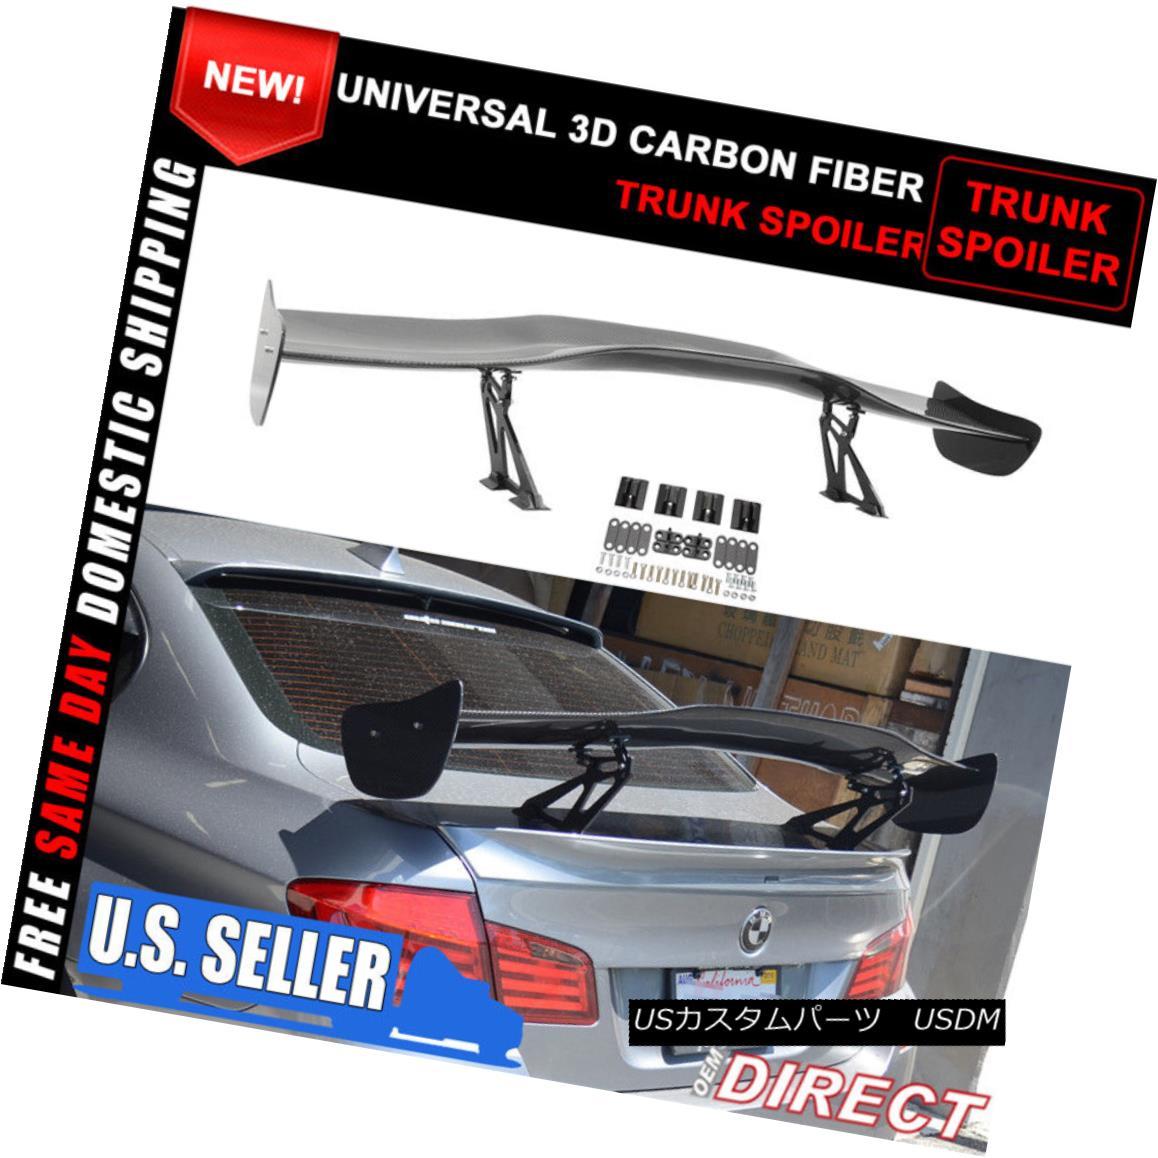 エアロパーツ 57 Inch Universal Fit 3D Carbon Fiber CF Rear GT Trunk Spoiler Wing Racing Deck 57インチユニバーサルフィット3DカーボンファイバーCFリアGTトランクスポイラーウイングレーシングデッキ